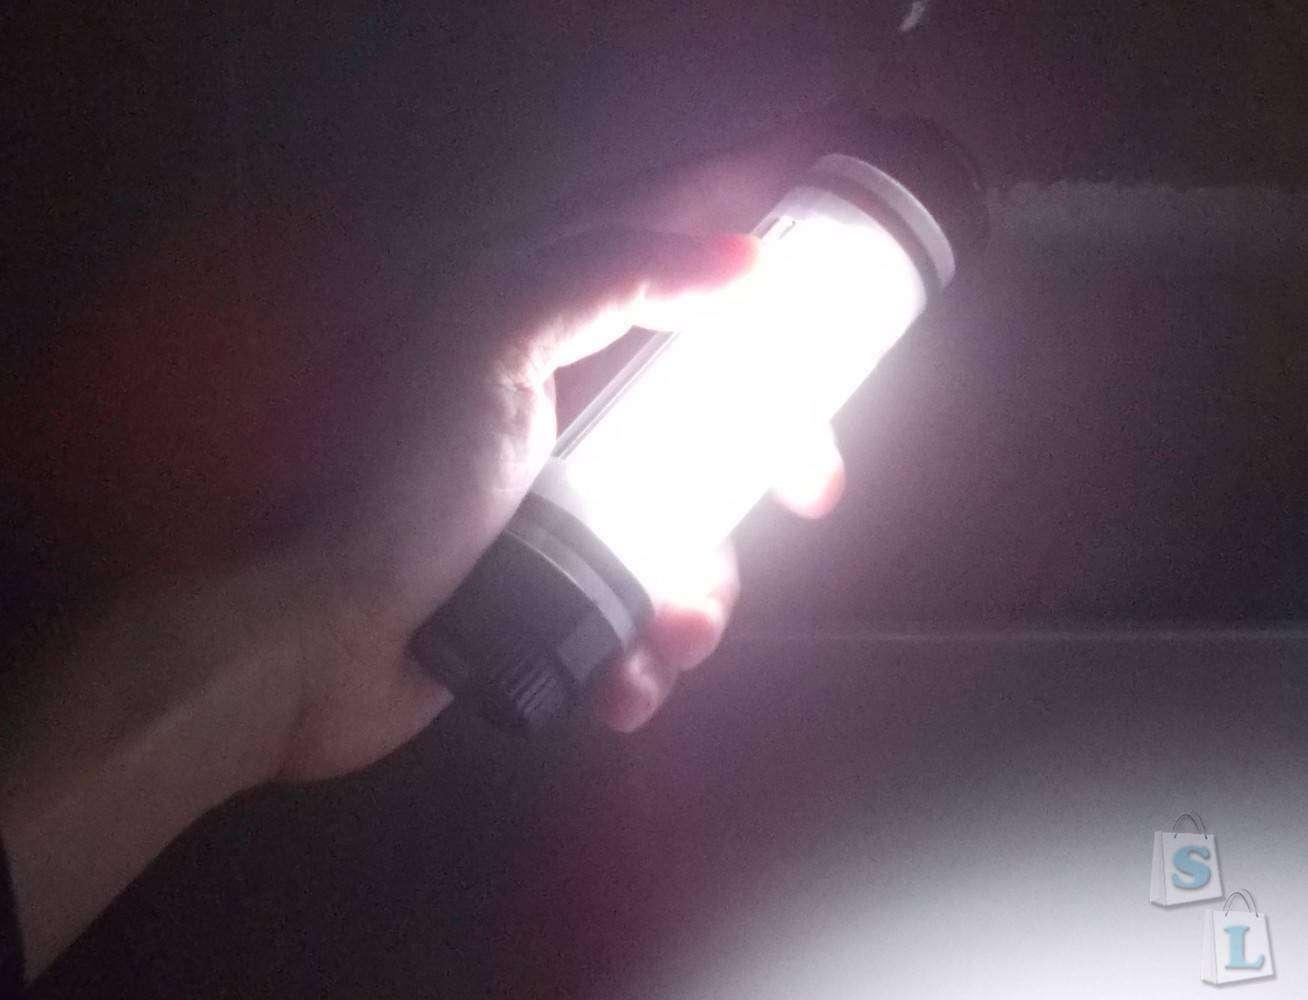 Banggood: Туристический 5-режимный светильник BlitzWolf BW-LT5 с функцией павербанка